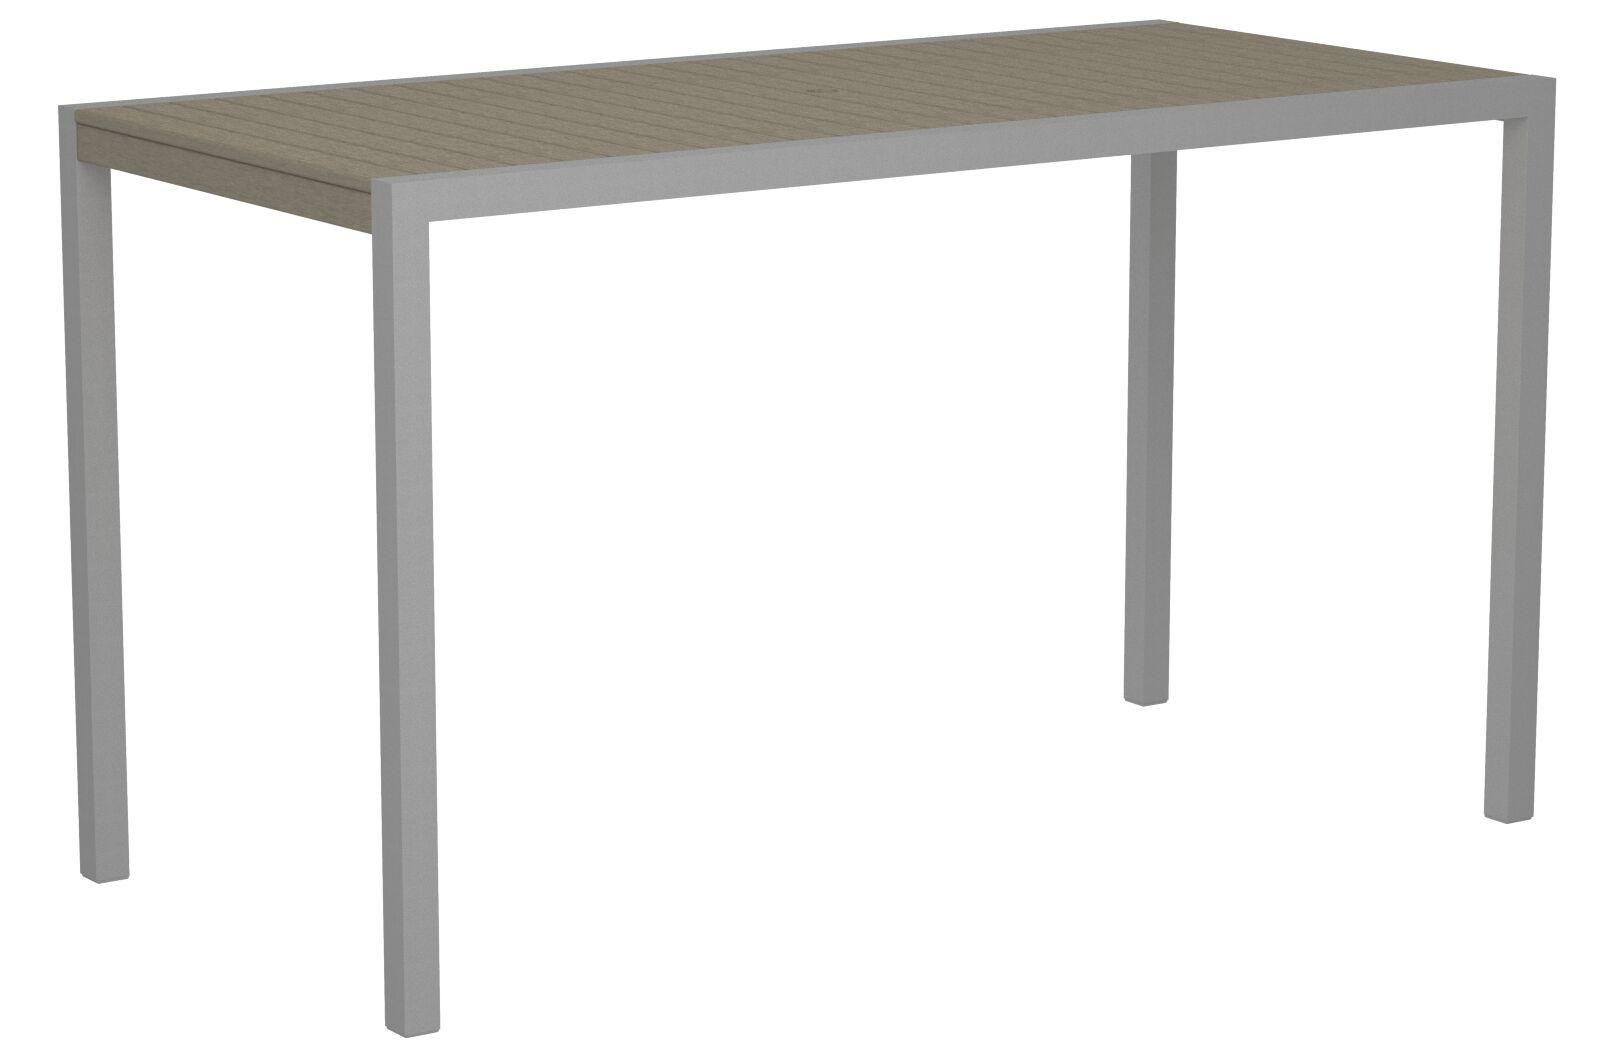 Mod Bar Table Base Finish: Textured Silver, Top Finish: Sand